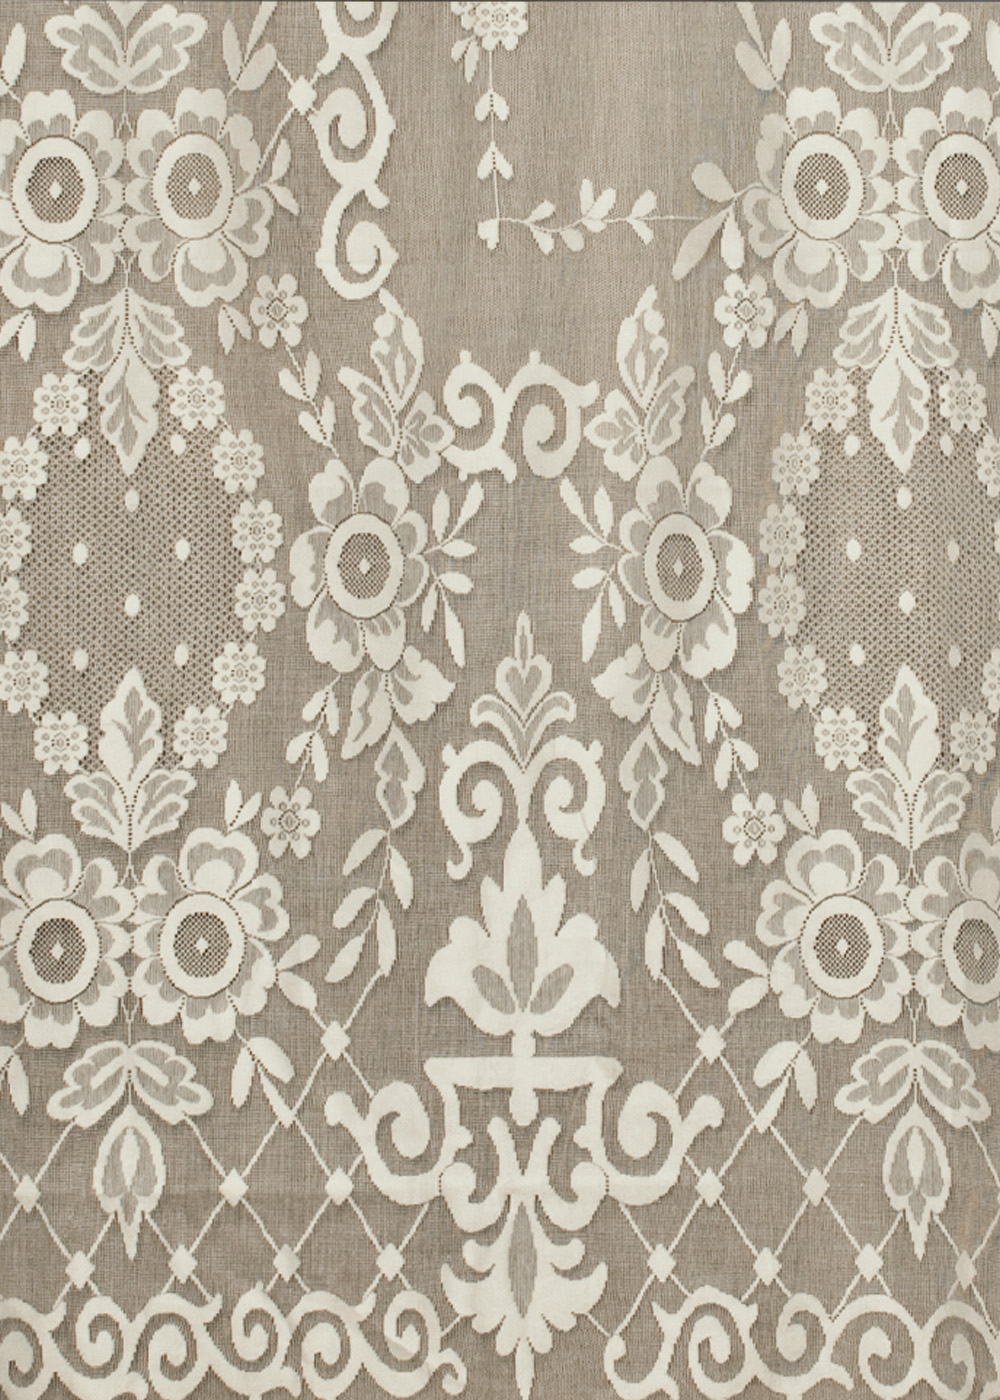 Cotton lace curtains - Norfolk Nottingham Lace Curtain